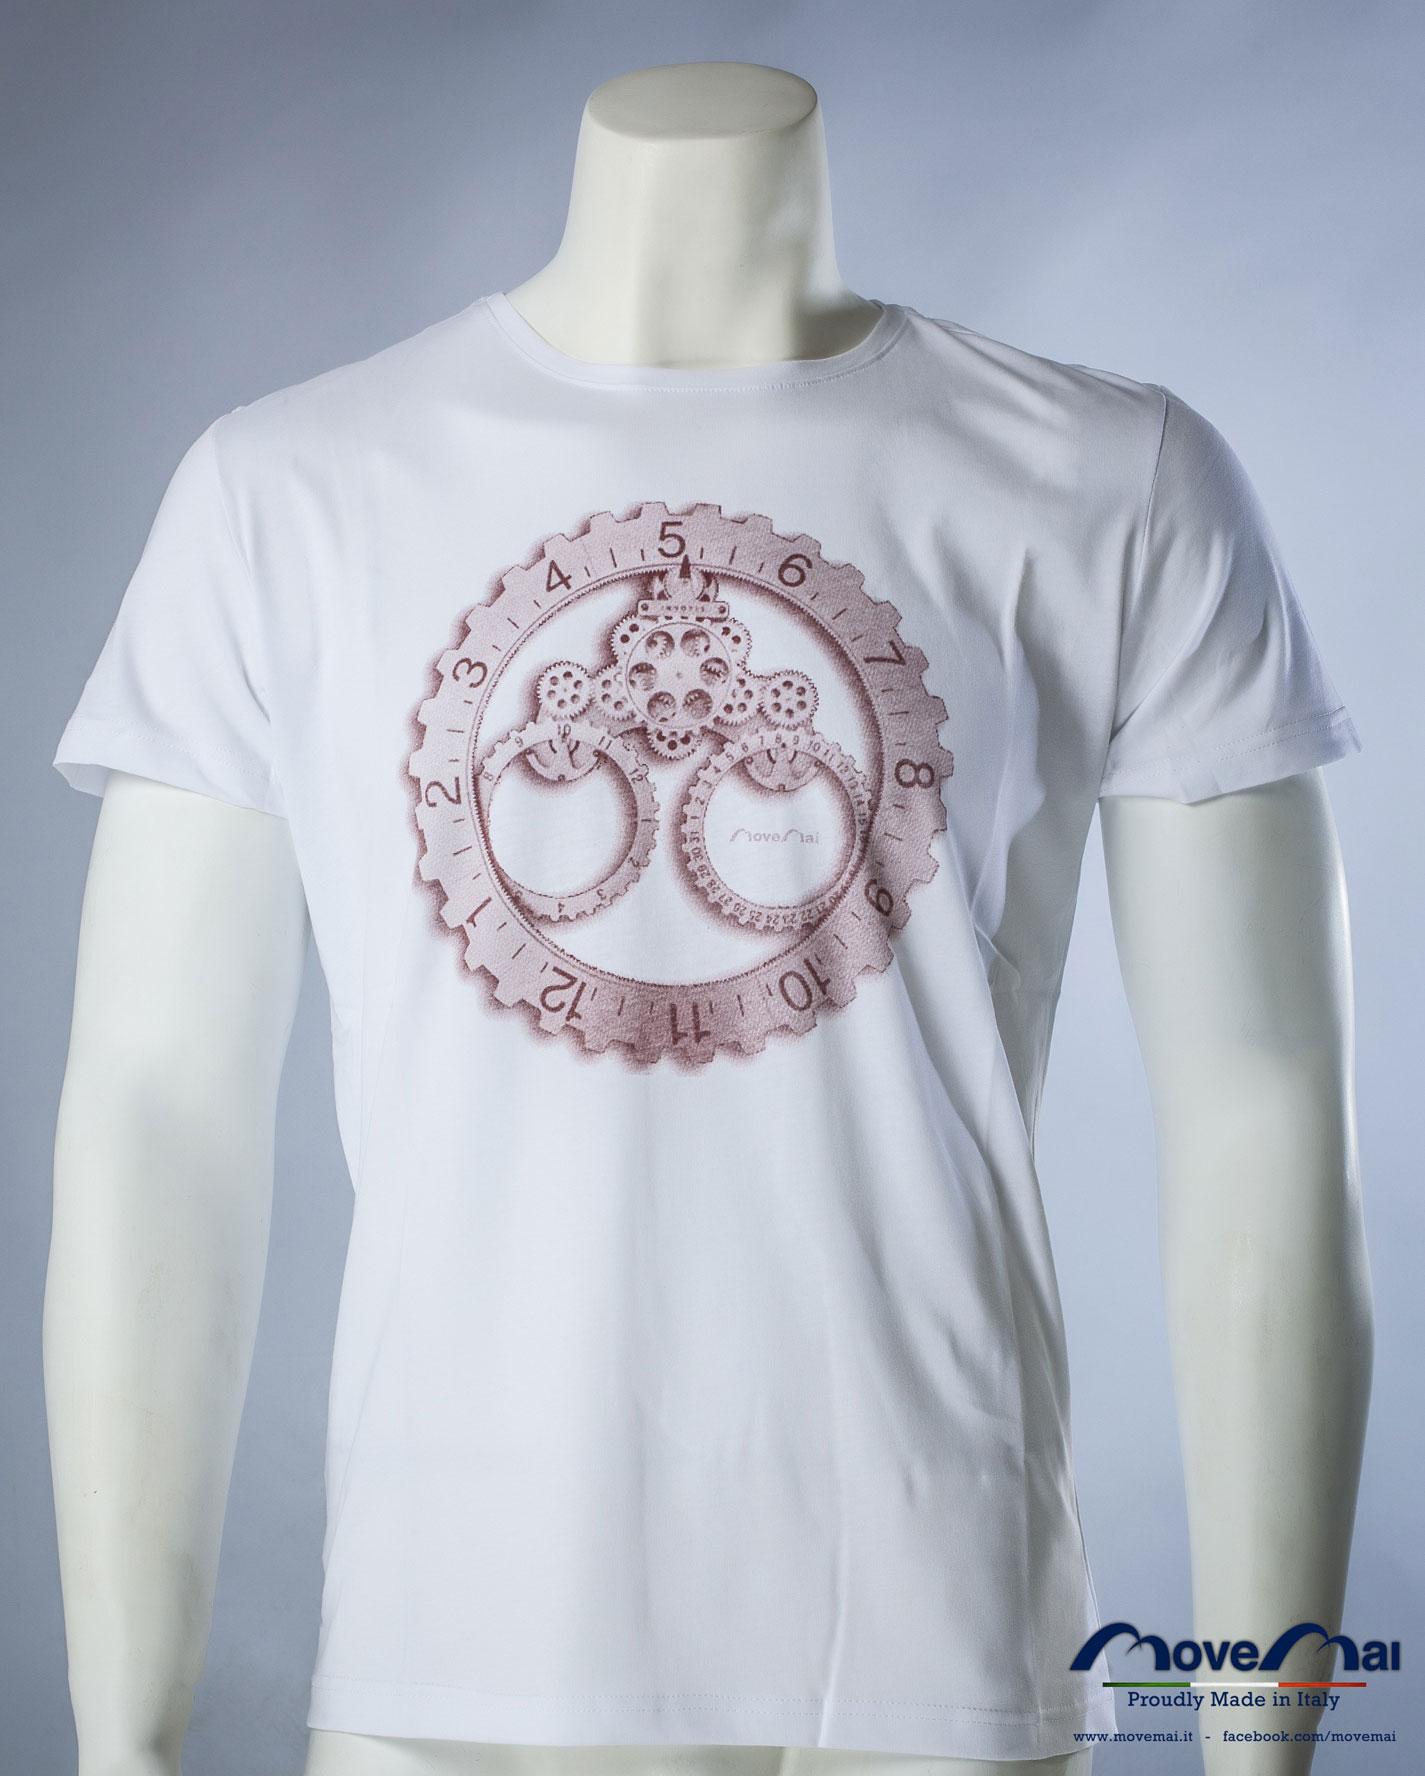 Movemai | T-Shirt da uomo girocollo a maniche corte, sfondo bianco con stampa nella parte anteriore | Spring-Summer_S101_02